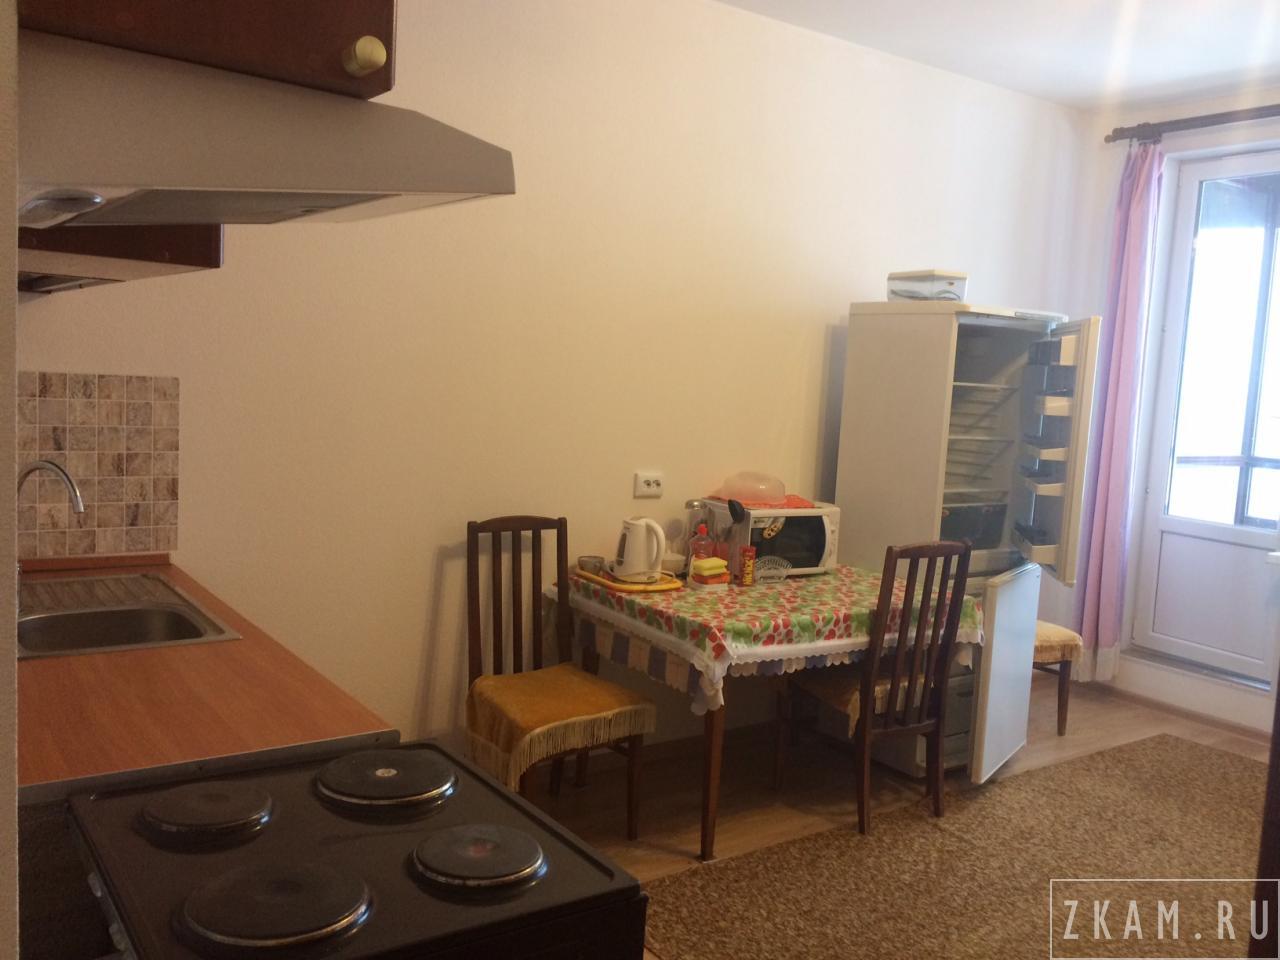 3412e7f08e20a Сдается в аренду квартира-студия в новом доме в Кудрово аренда в городе  Санкт-Петербург | ZKAM.RU